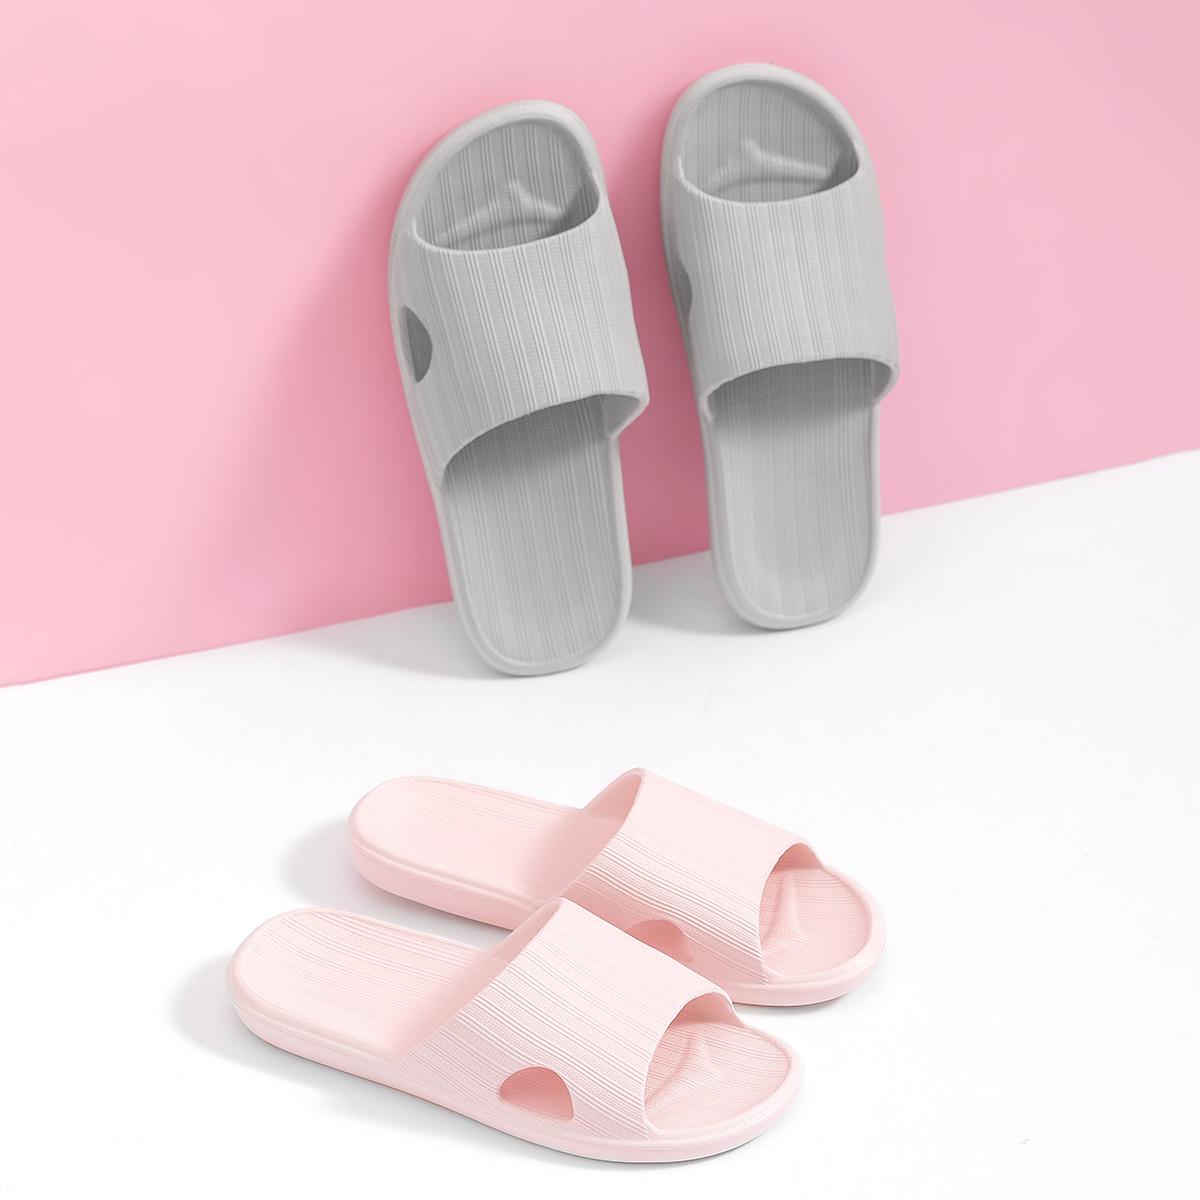 简约絮纹凉拖鞋柔韧加厚软底浴室拖家居拖鞋防滑浴室拖鞋